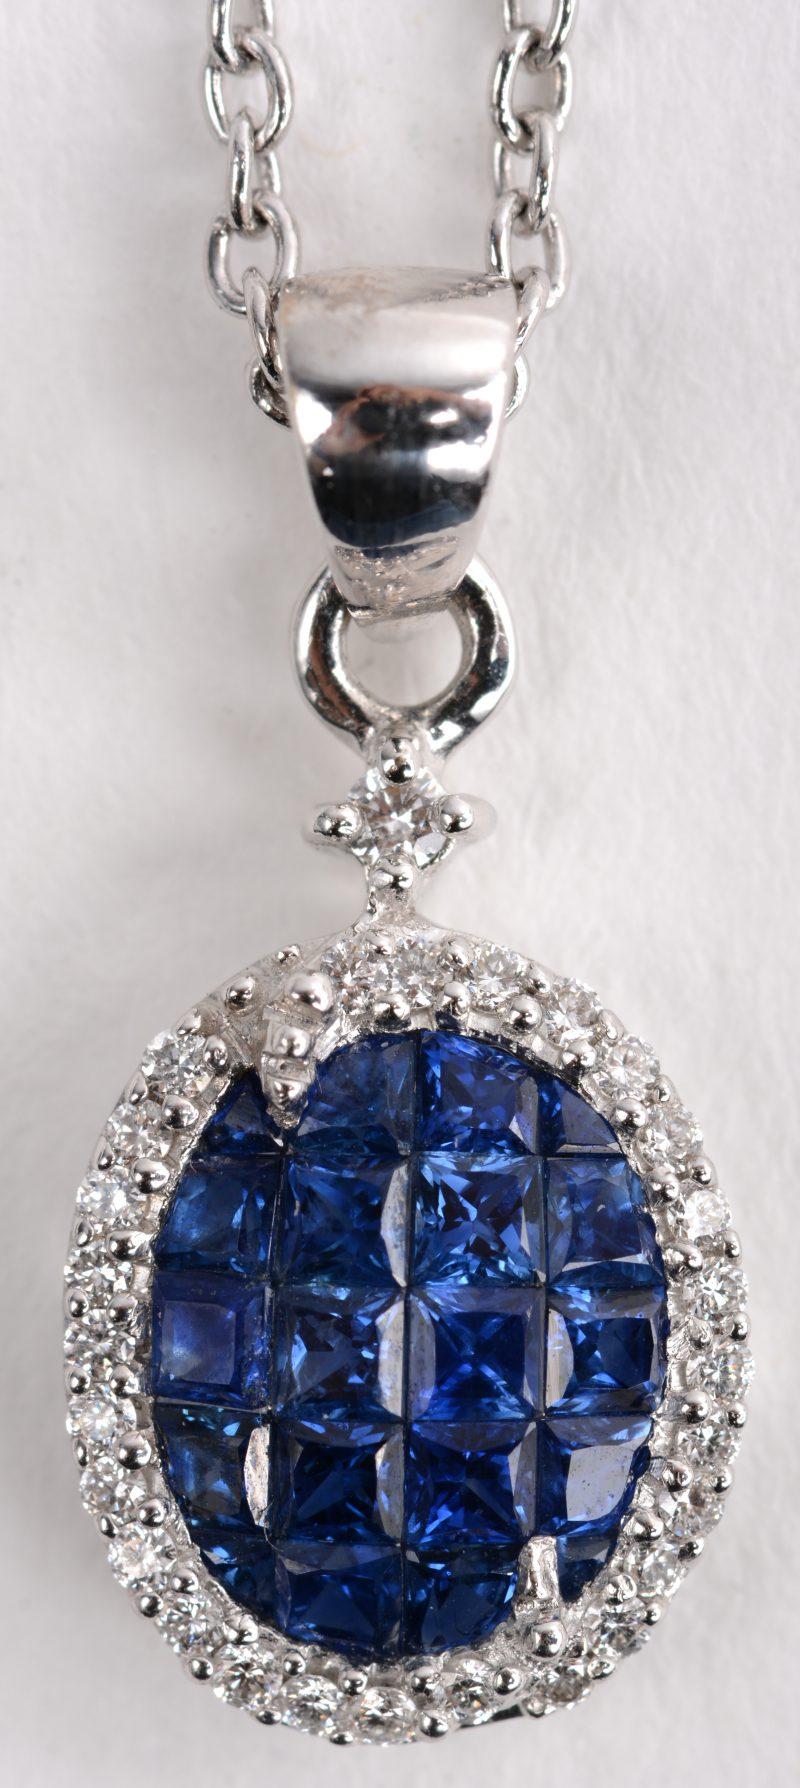 Een 18 K witgouden ketting met hanger bezet met in princess geslepen saffieren van +- 1 ct. en briljanten met een gezamenlijk gewicht van +- 0,15 ct.